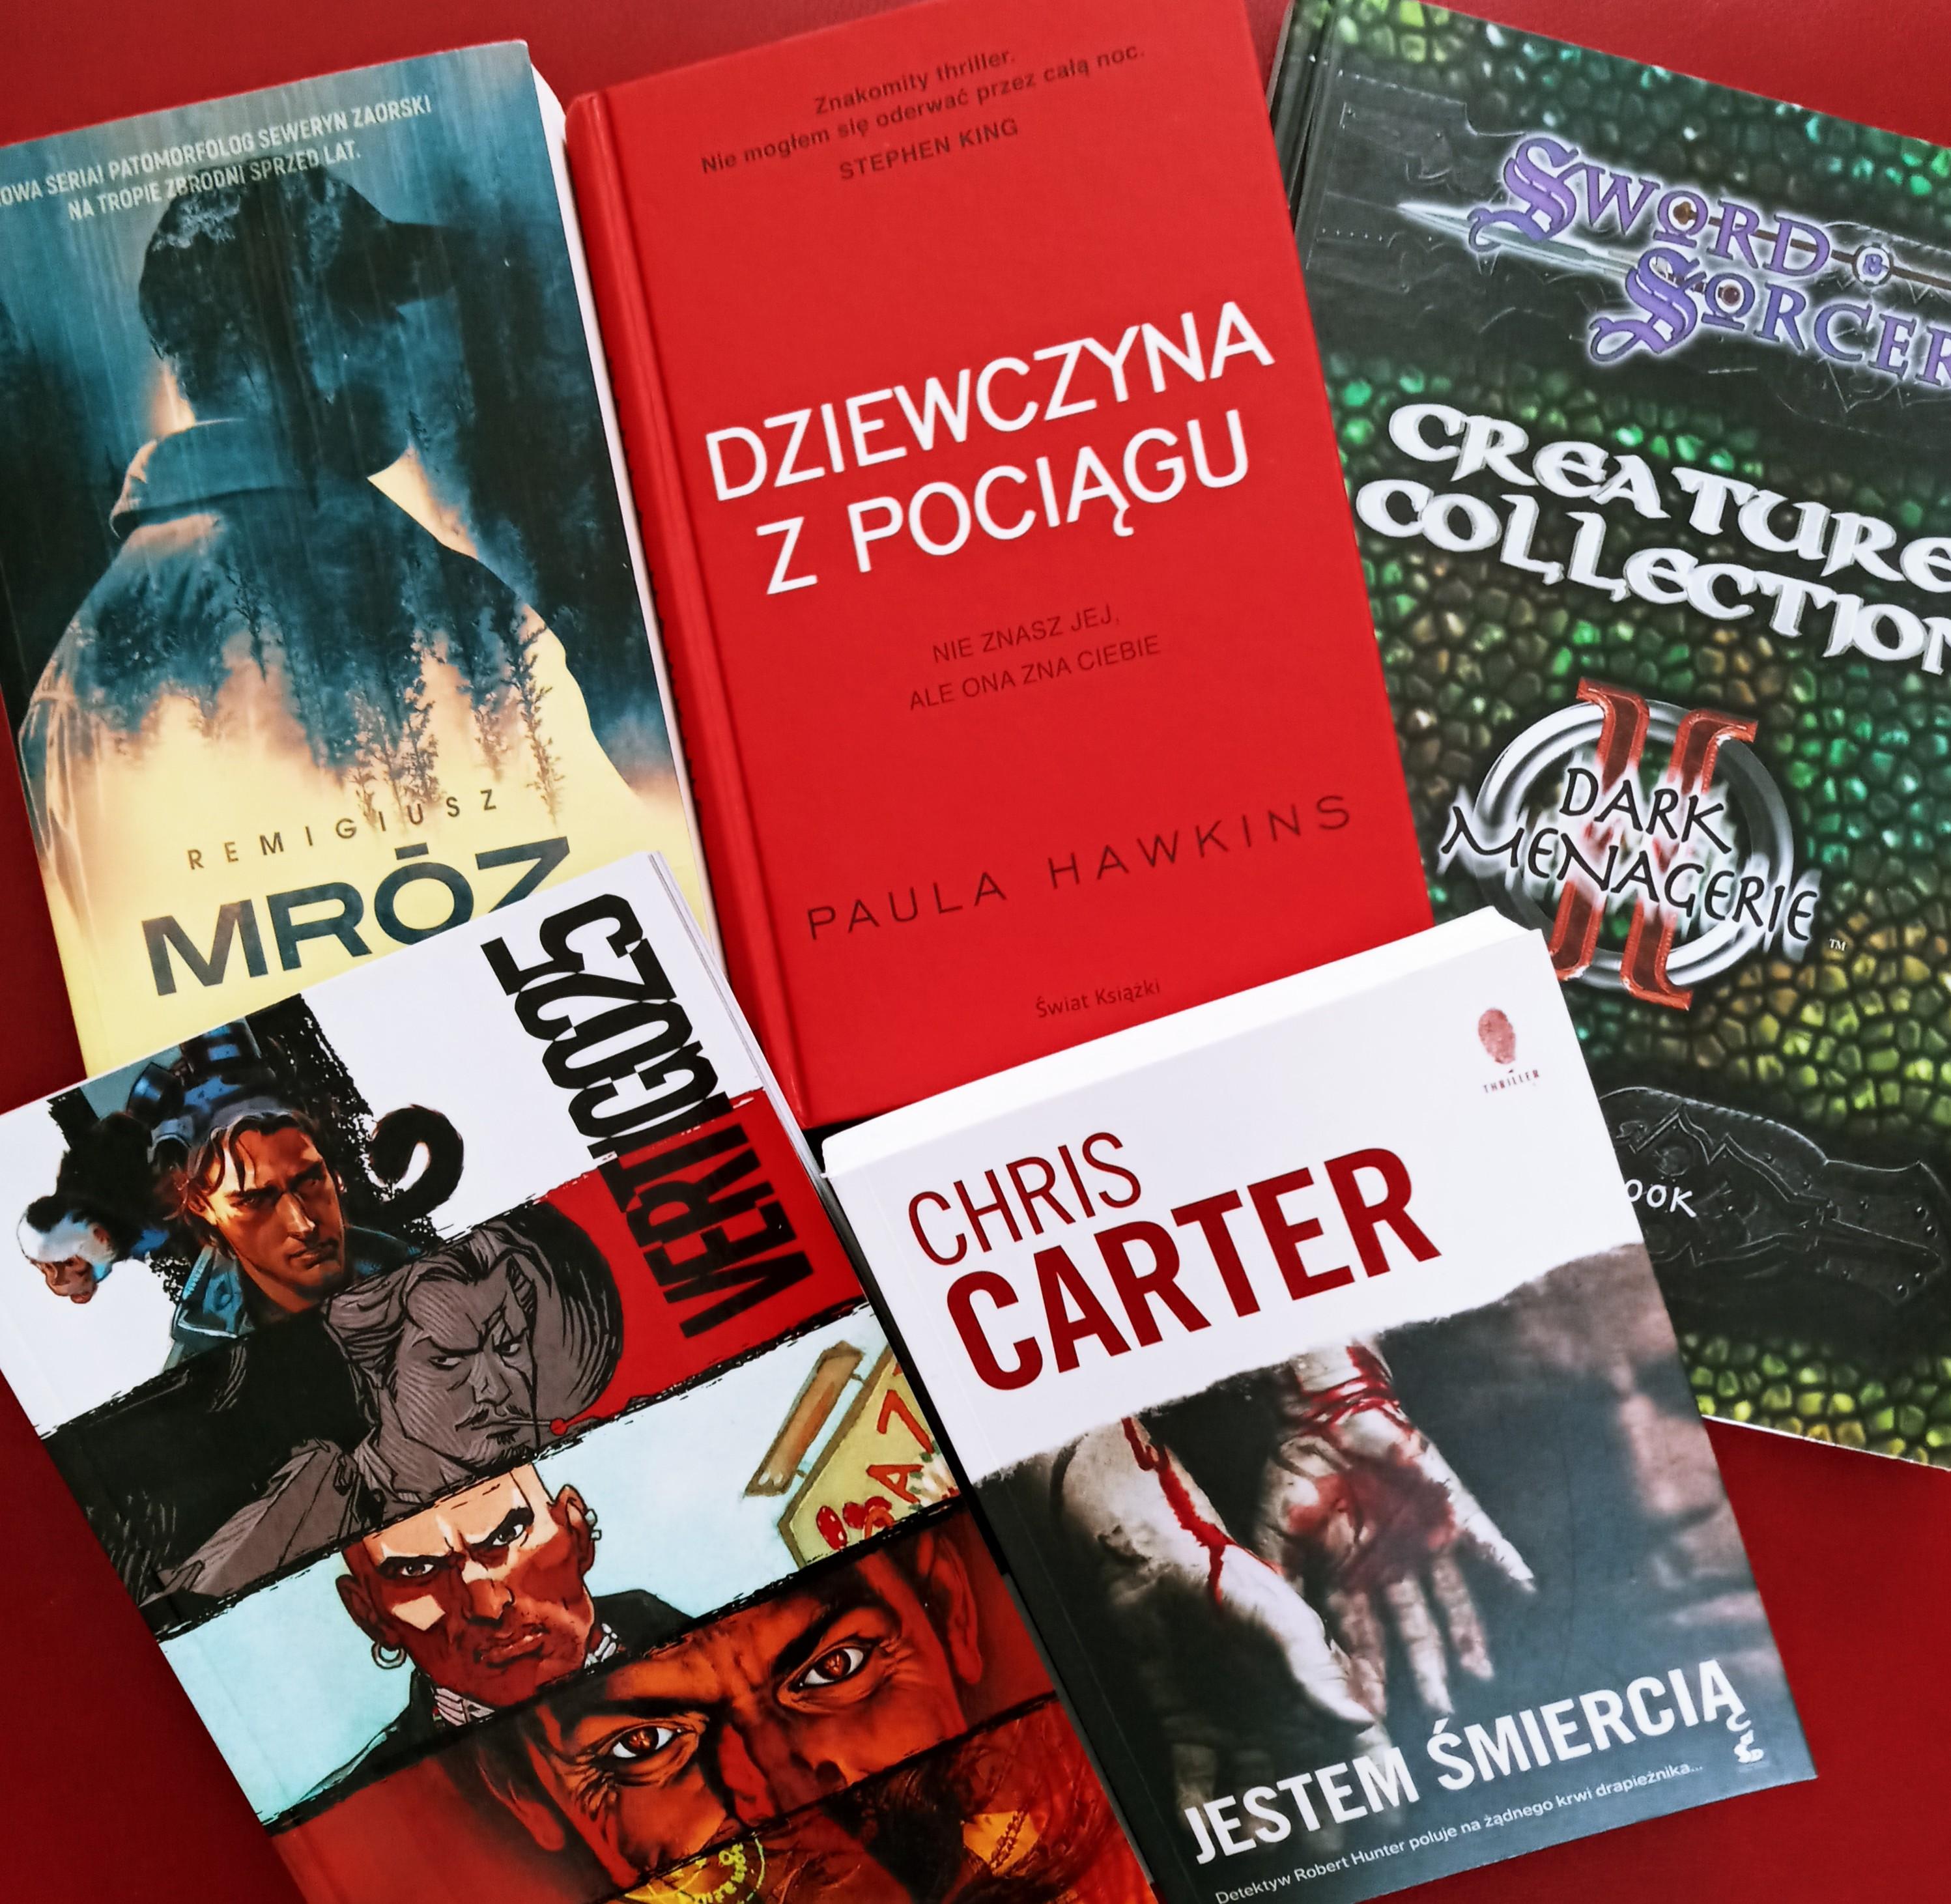 Zdjęcie przedstawia kilka książek będących upominkami w zabawie związanej z kinem letnim: